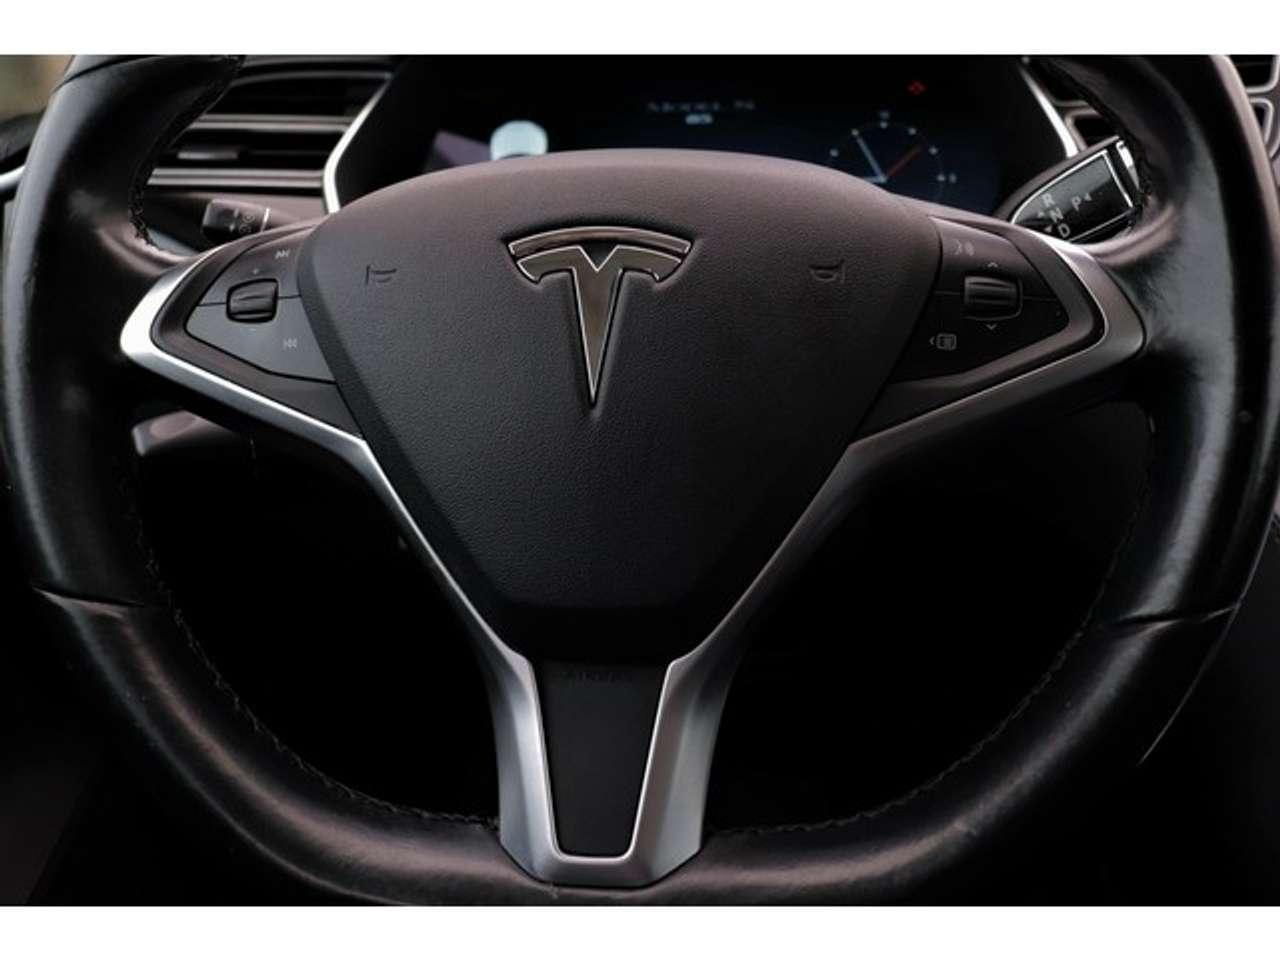 Goedkoopste Tesla interieur stuur detail